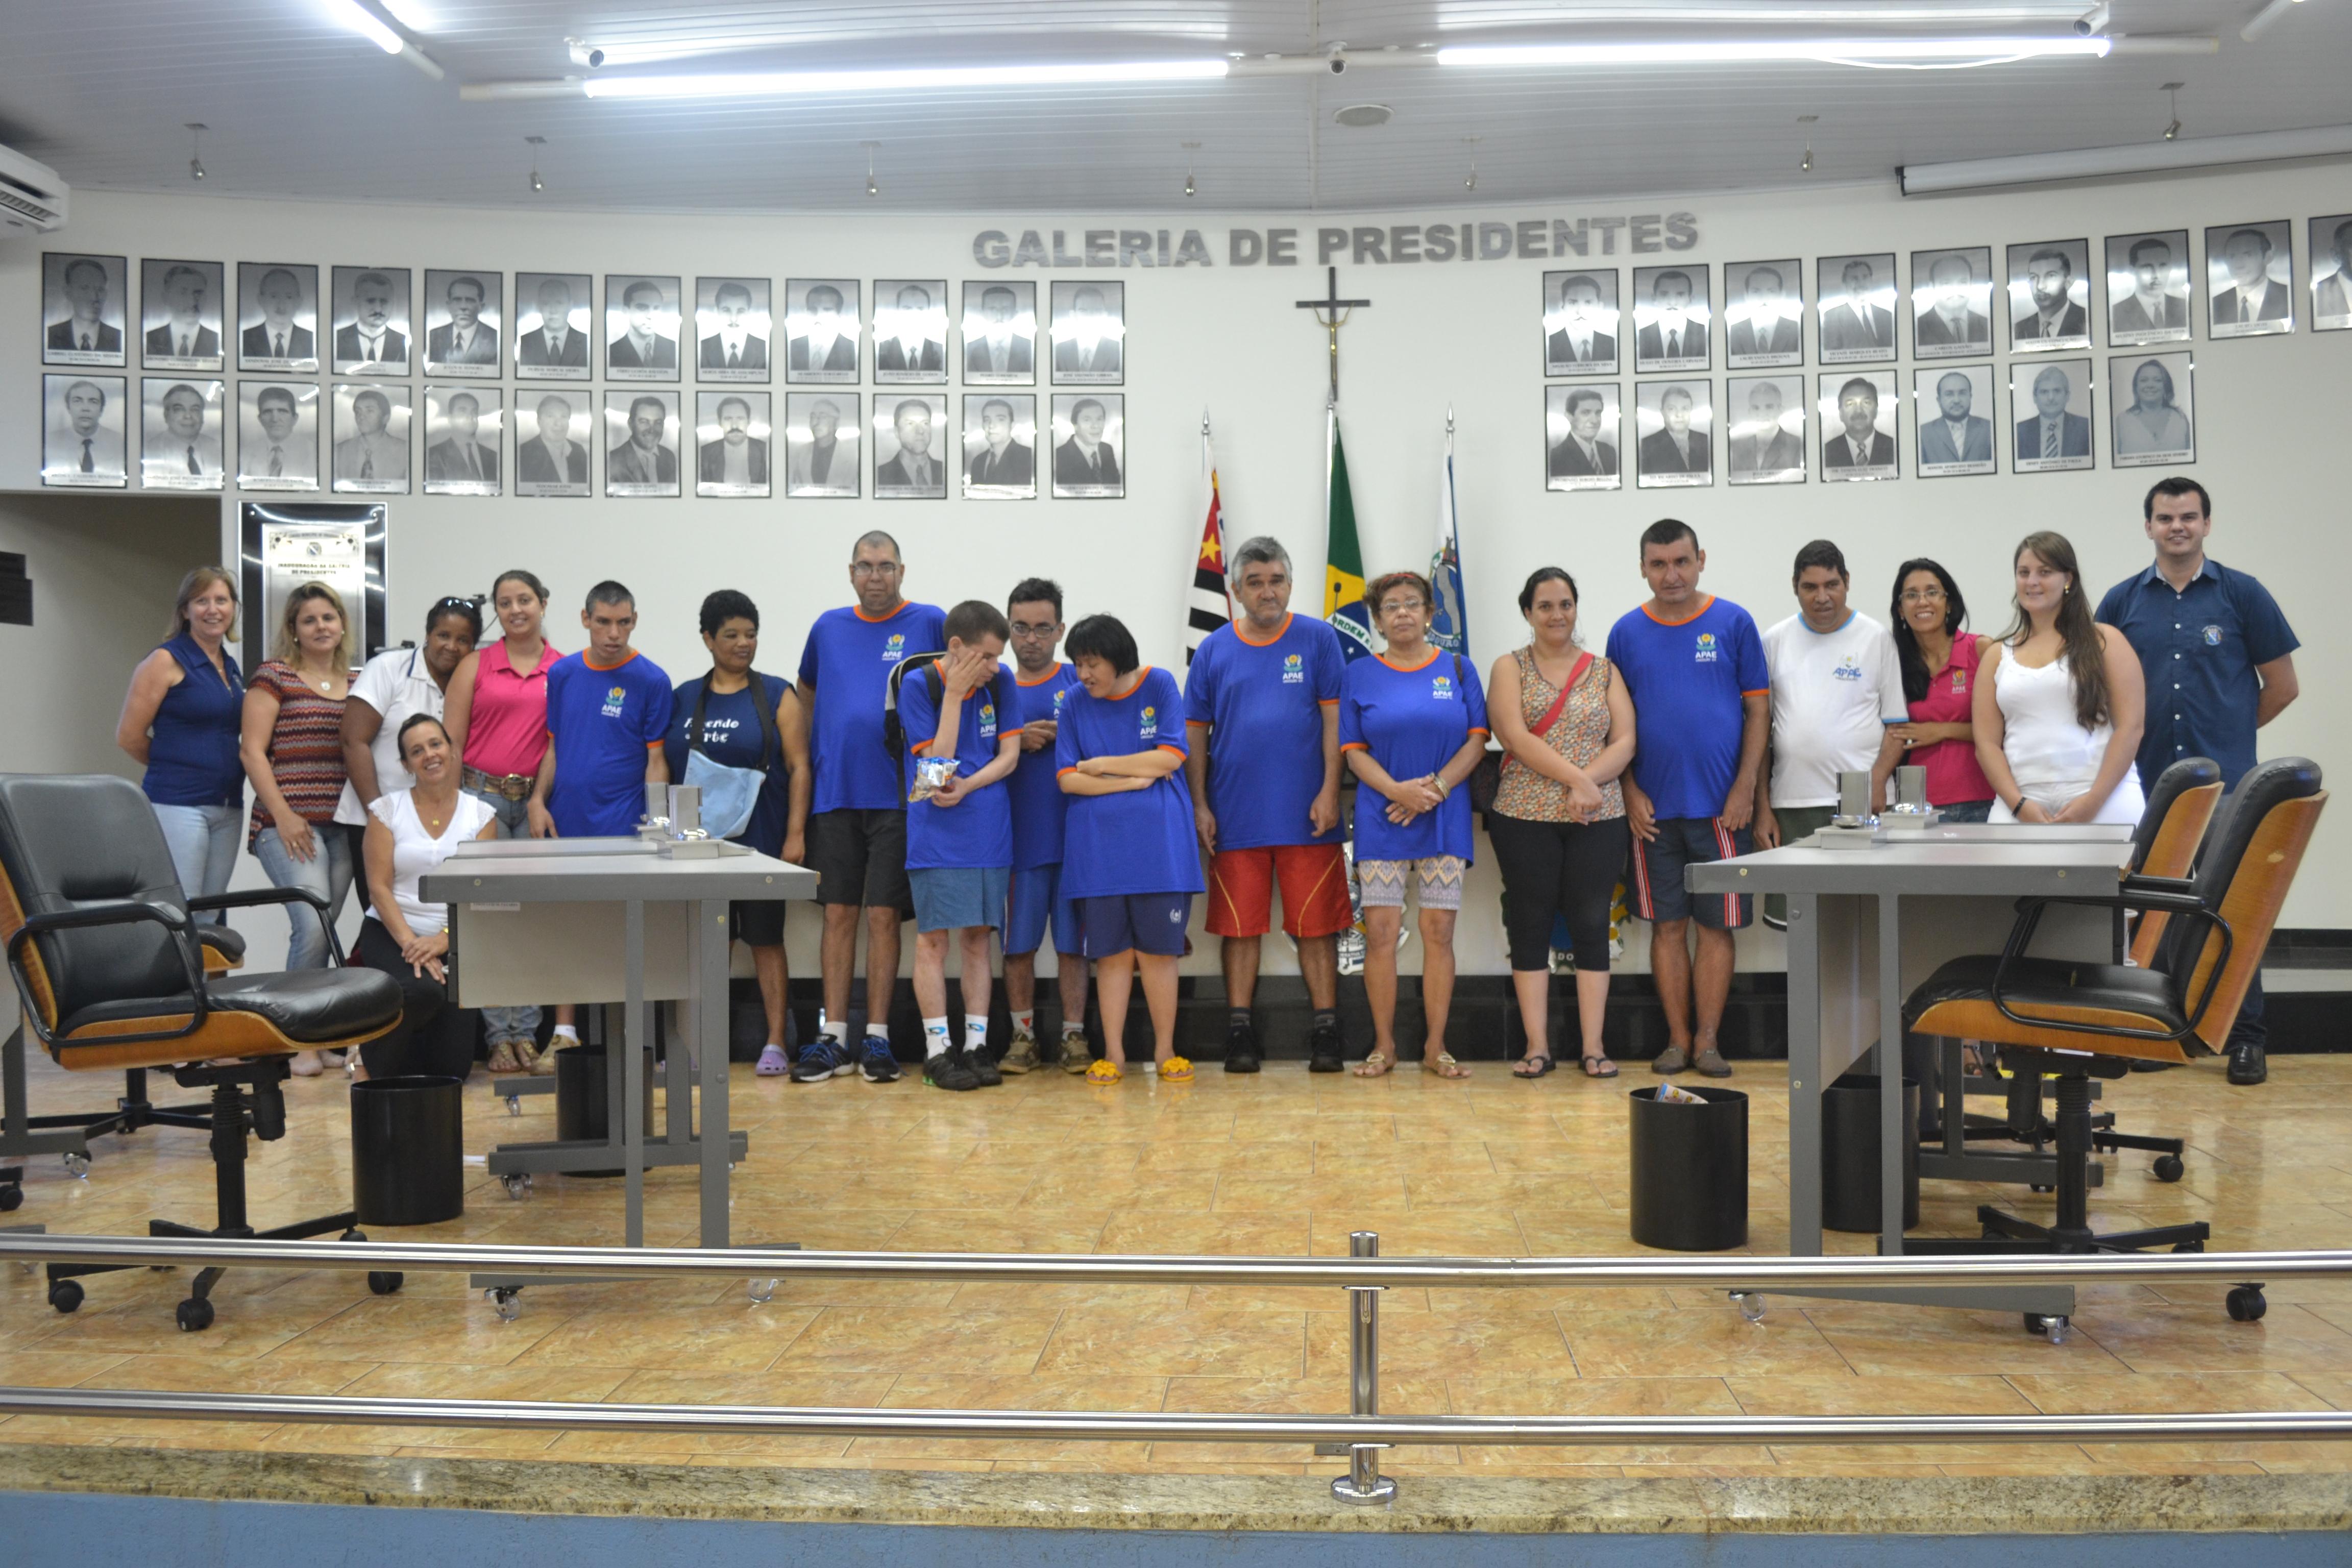 Alunos assistidos pela APAE de Viradouro visitam as dependências da Câmara Municipal.